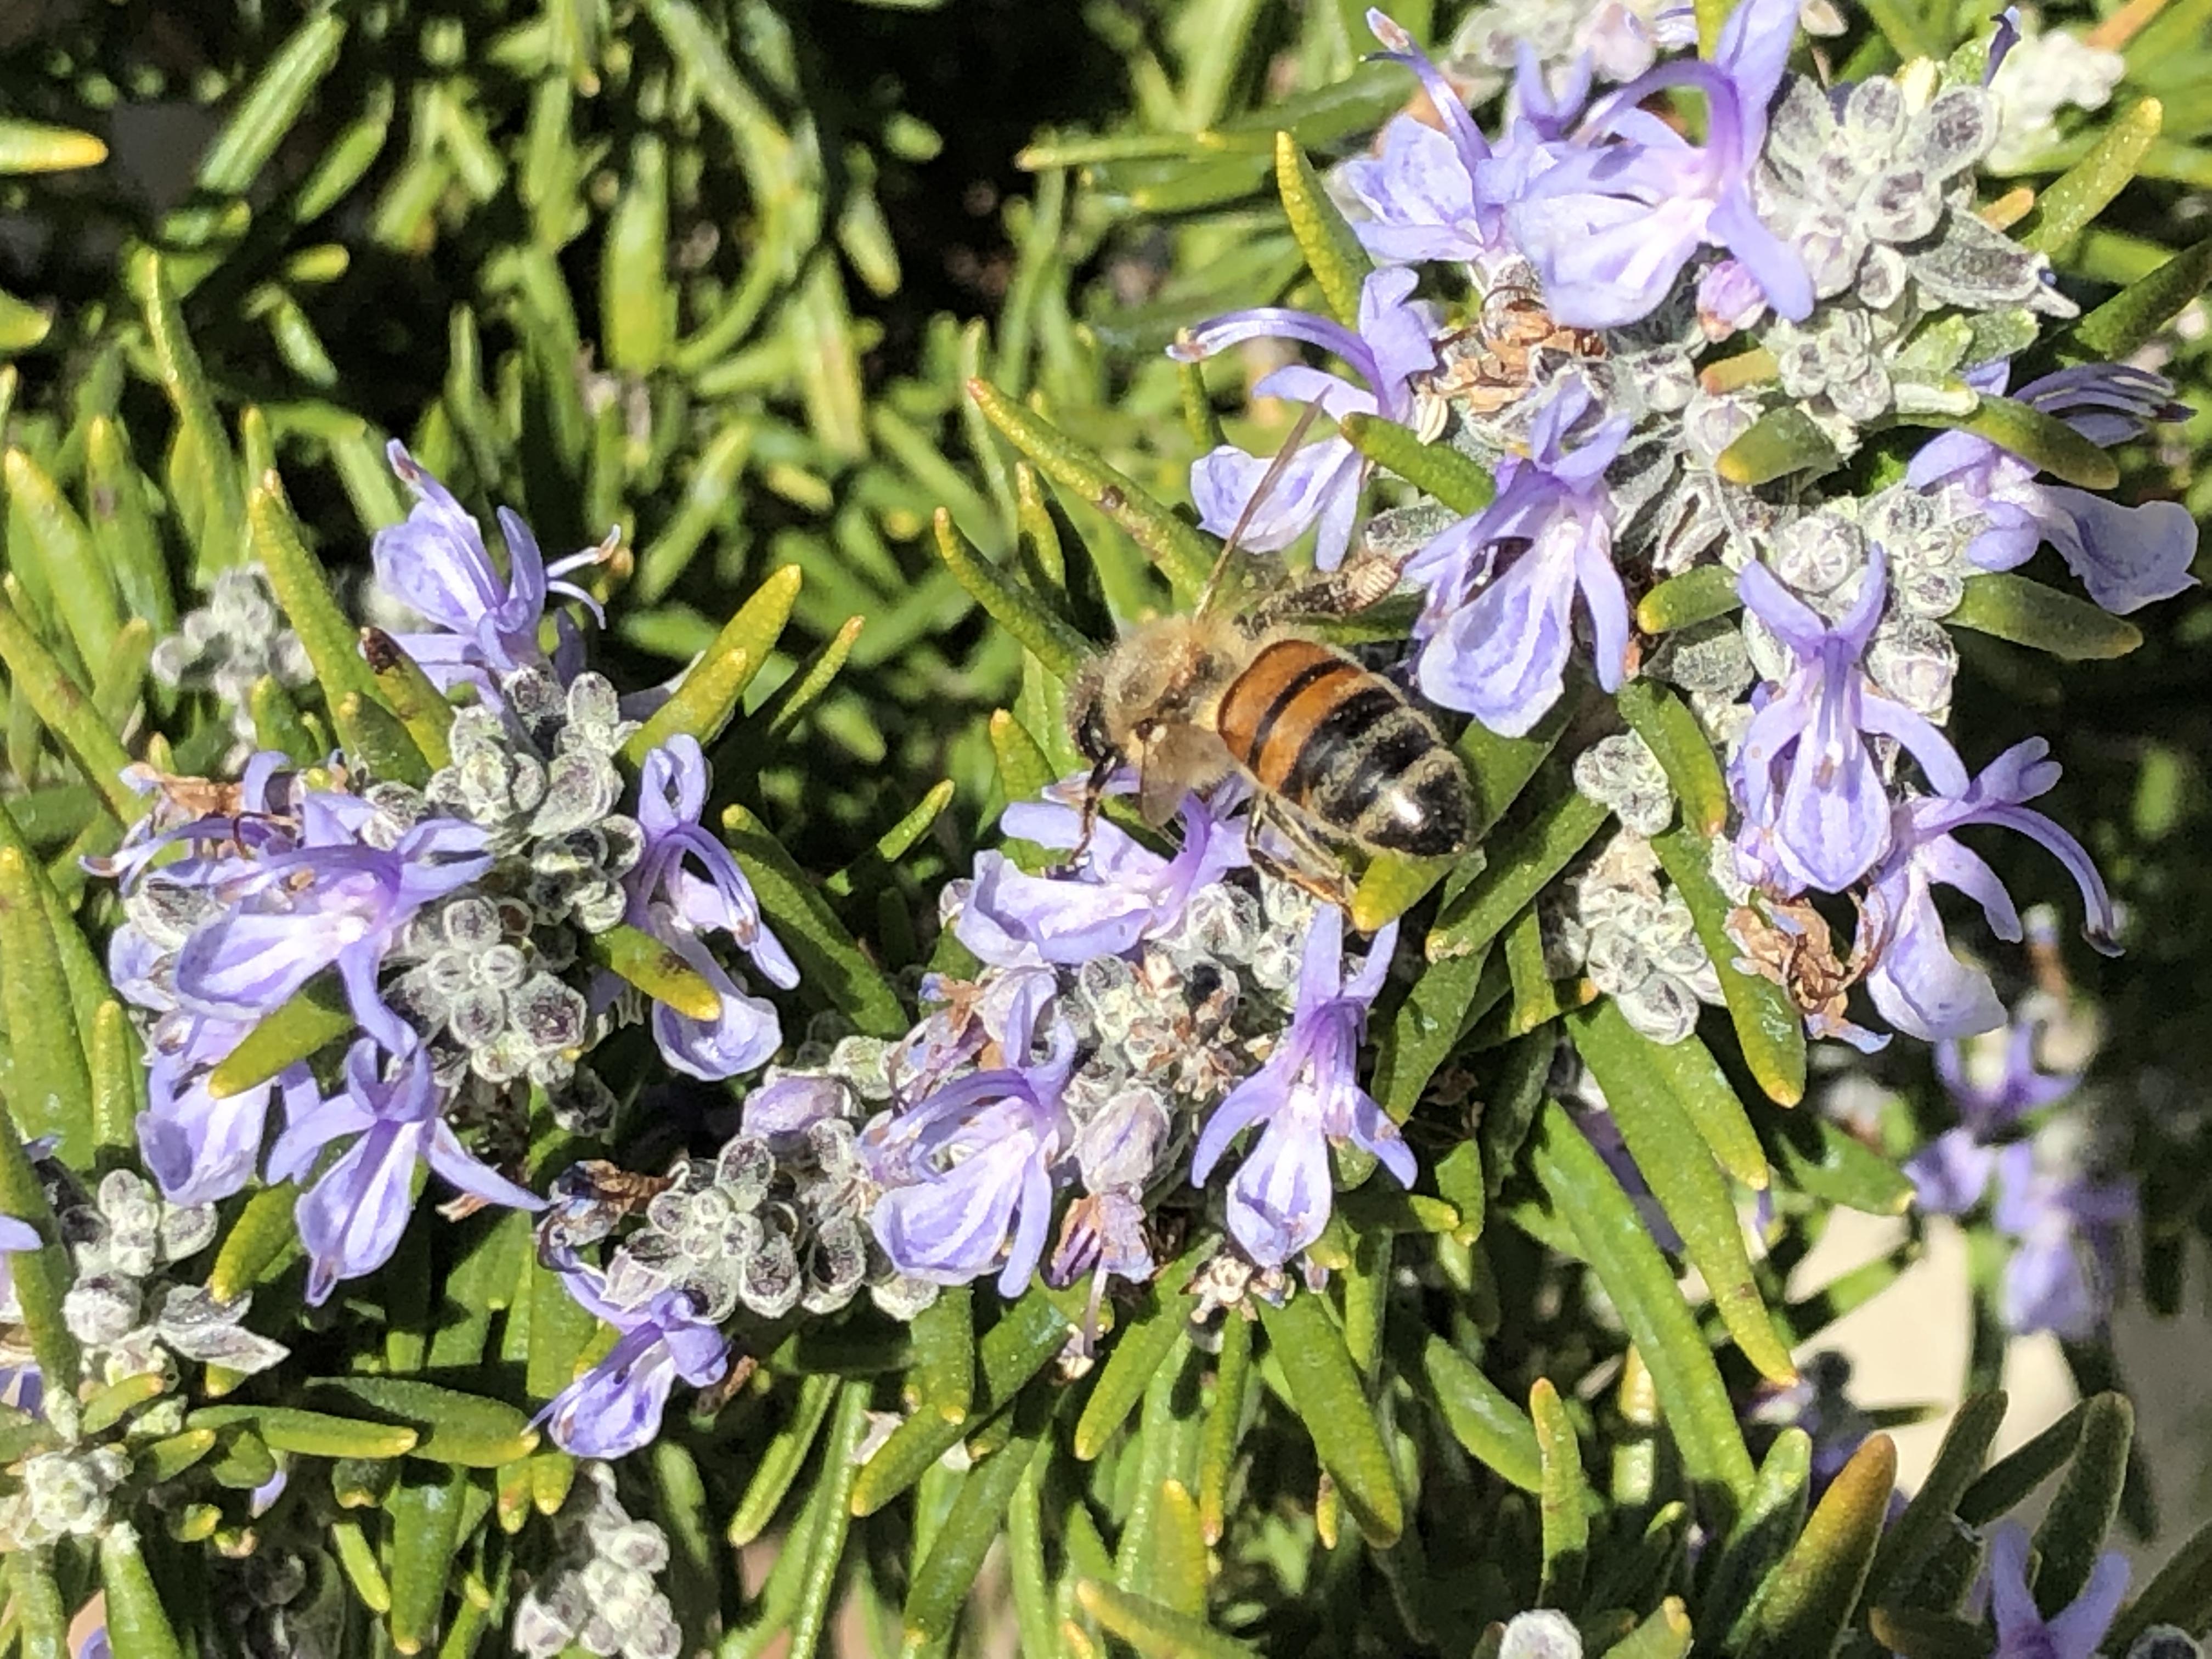 Pianta Simile Al Rosmarino rosmarino officinalis, potere aromatico anche nei fiori